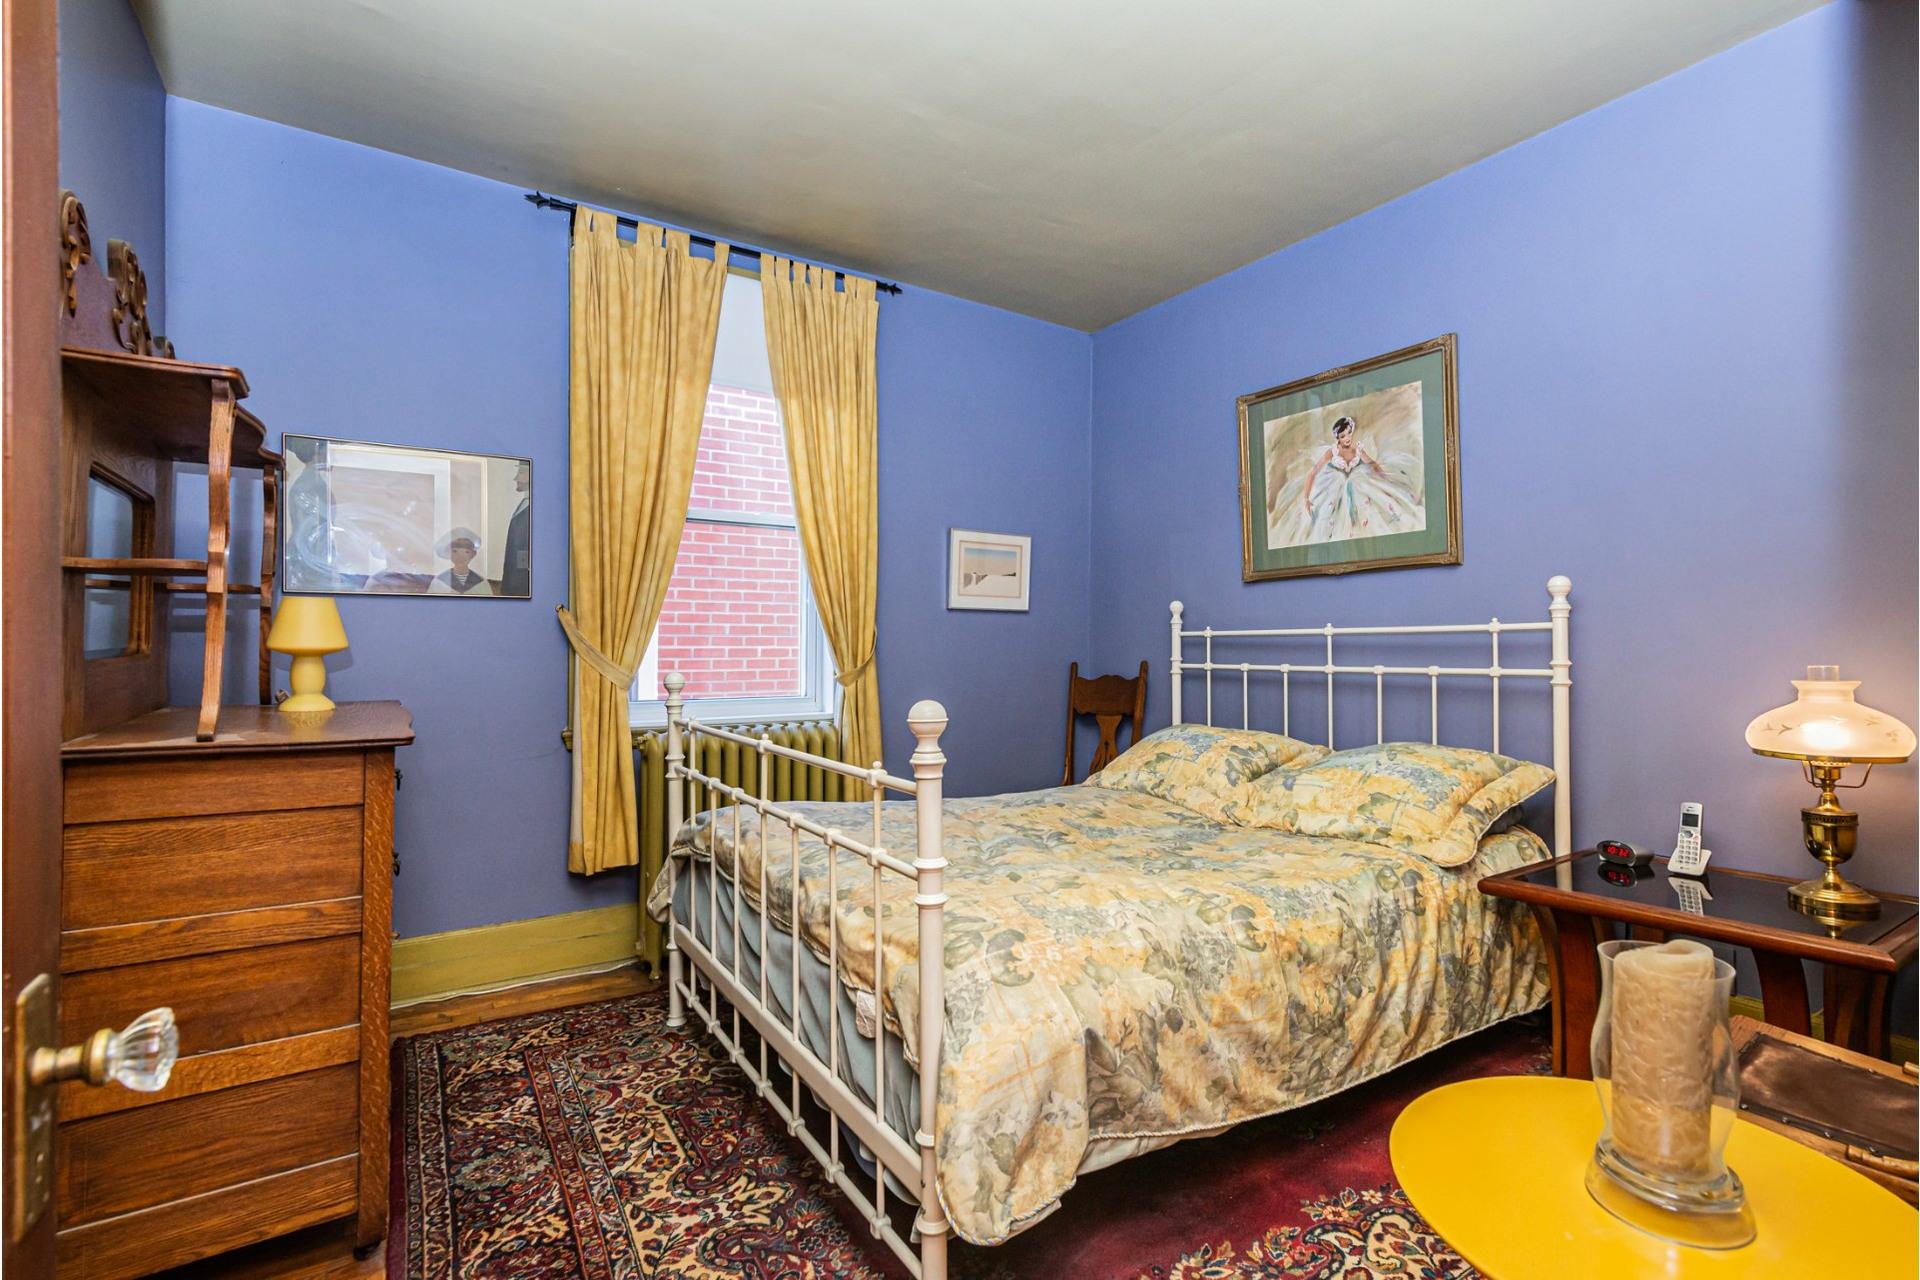 image 7 - Duplex À vendre Côte-des-Neiges/Notre-Dame-de-Grâce Montréal  - 6 pièces